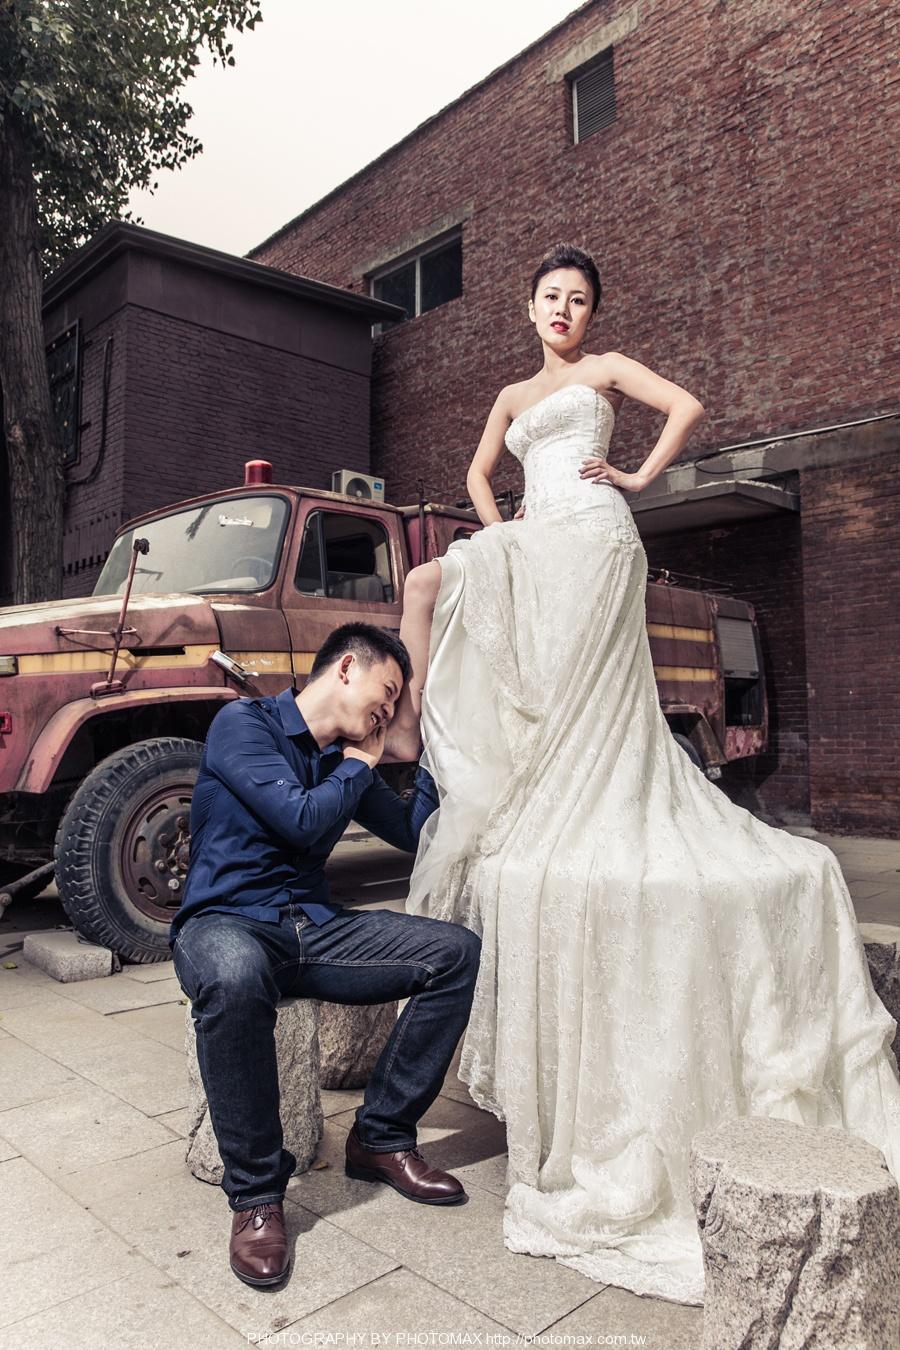 耿苖苖 PHOTOMAX 老麦摄影 北京婚纱摄影 绕着世界拍爱情 (3)